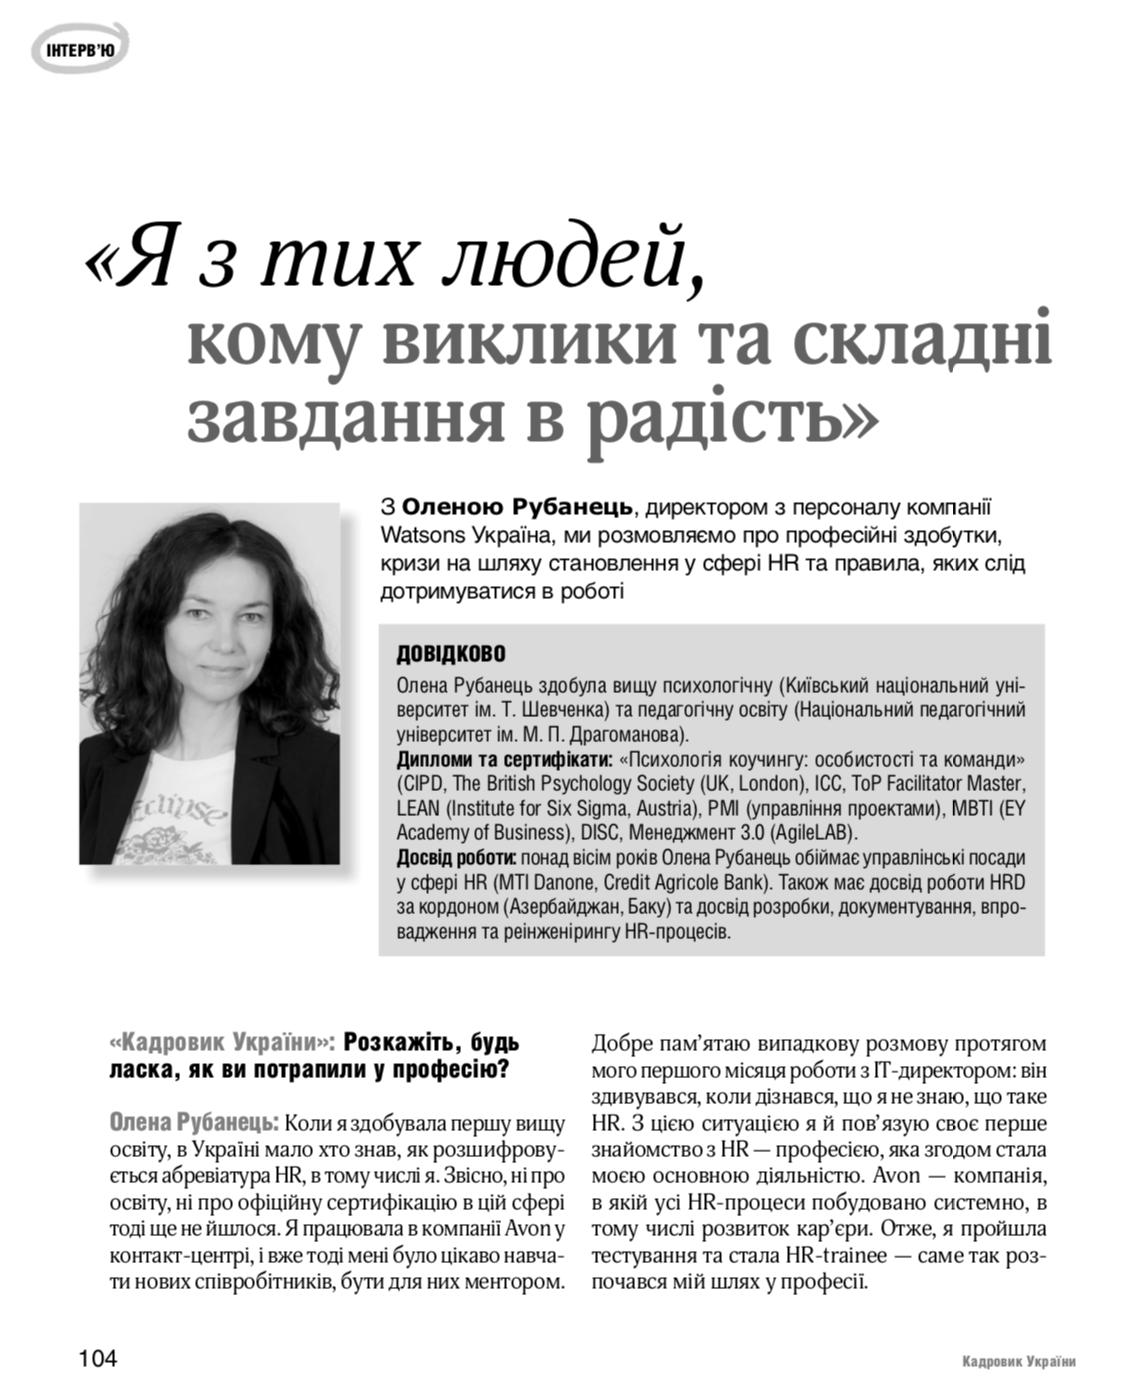 Алена Рубанец, Кадровик Украины, Стефановская Станислава